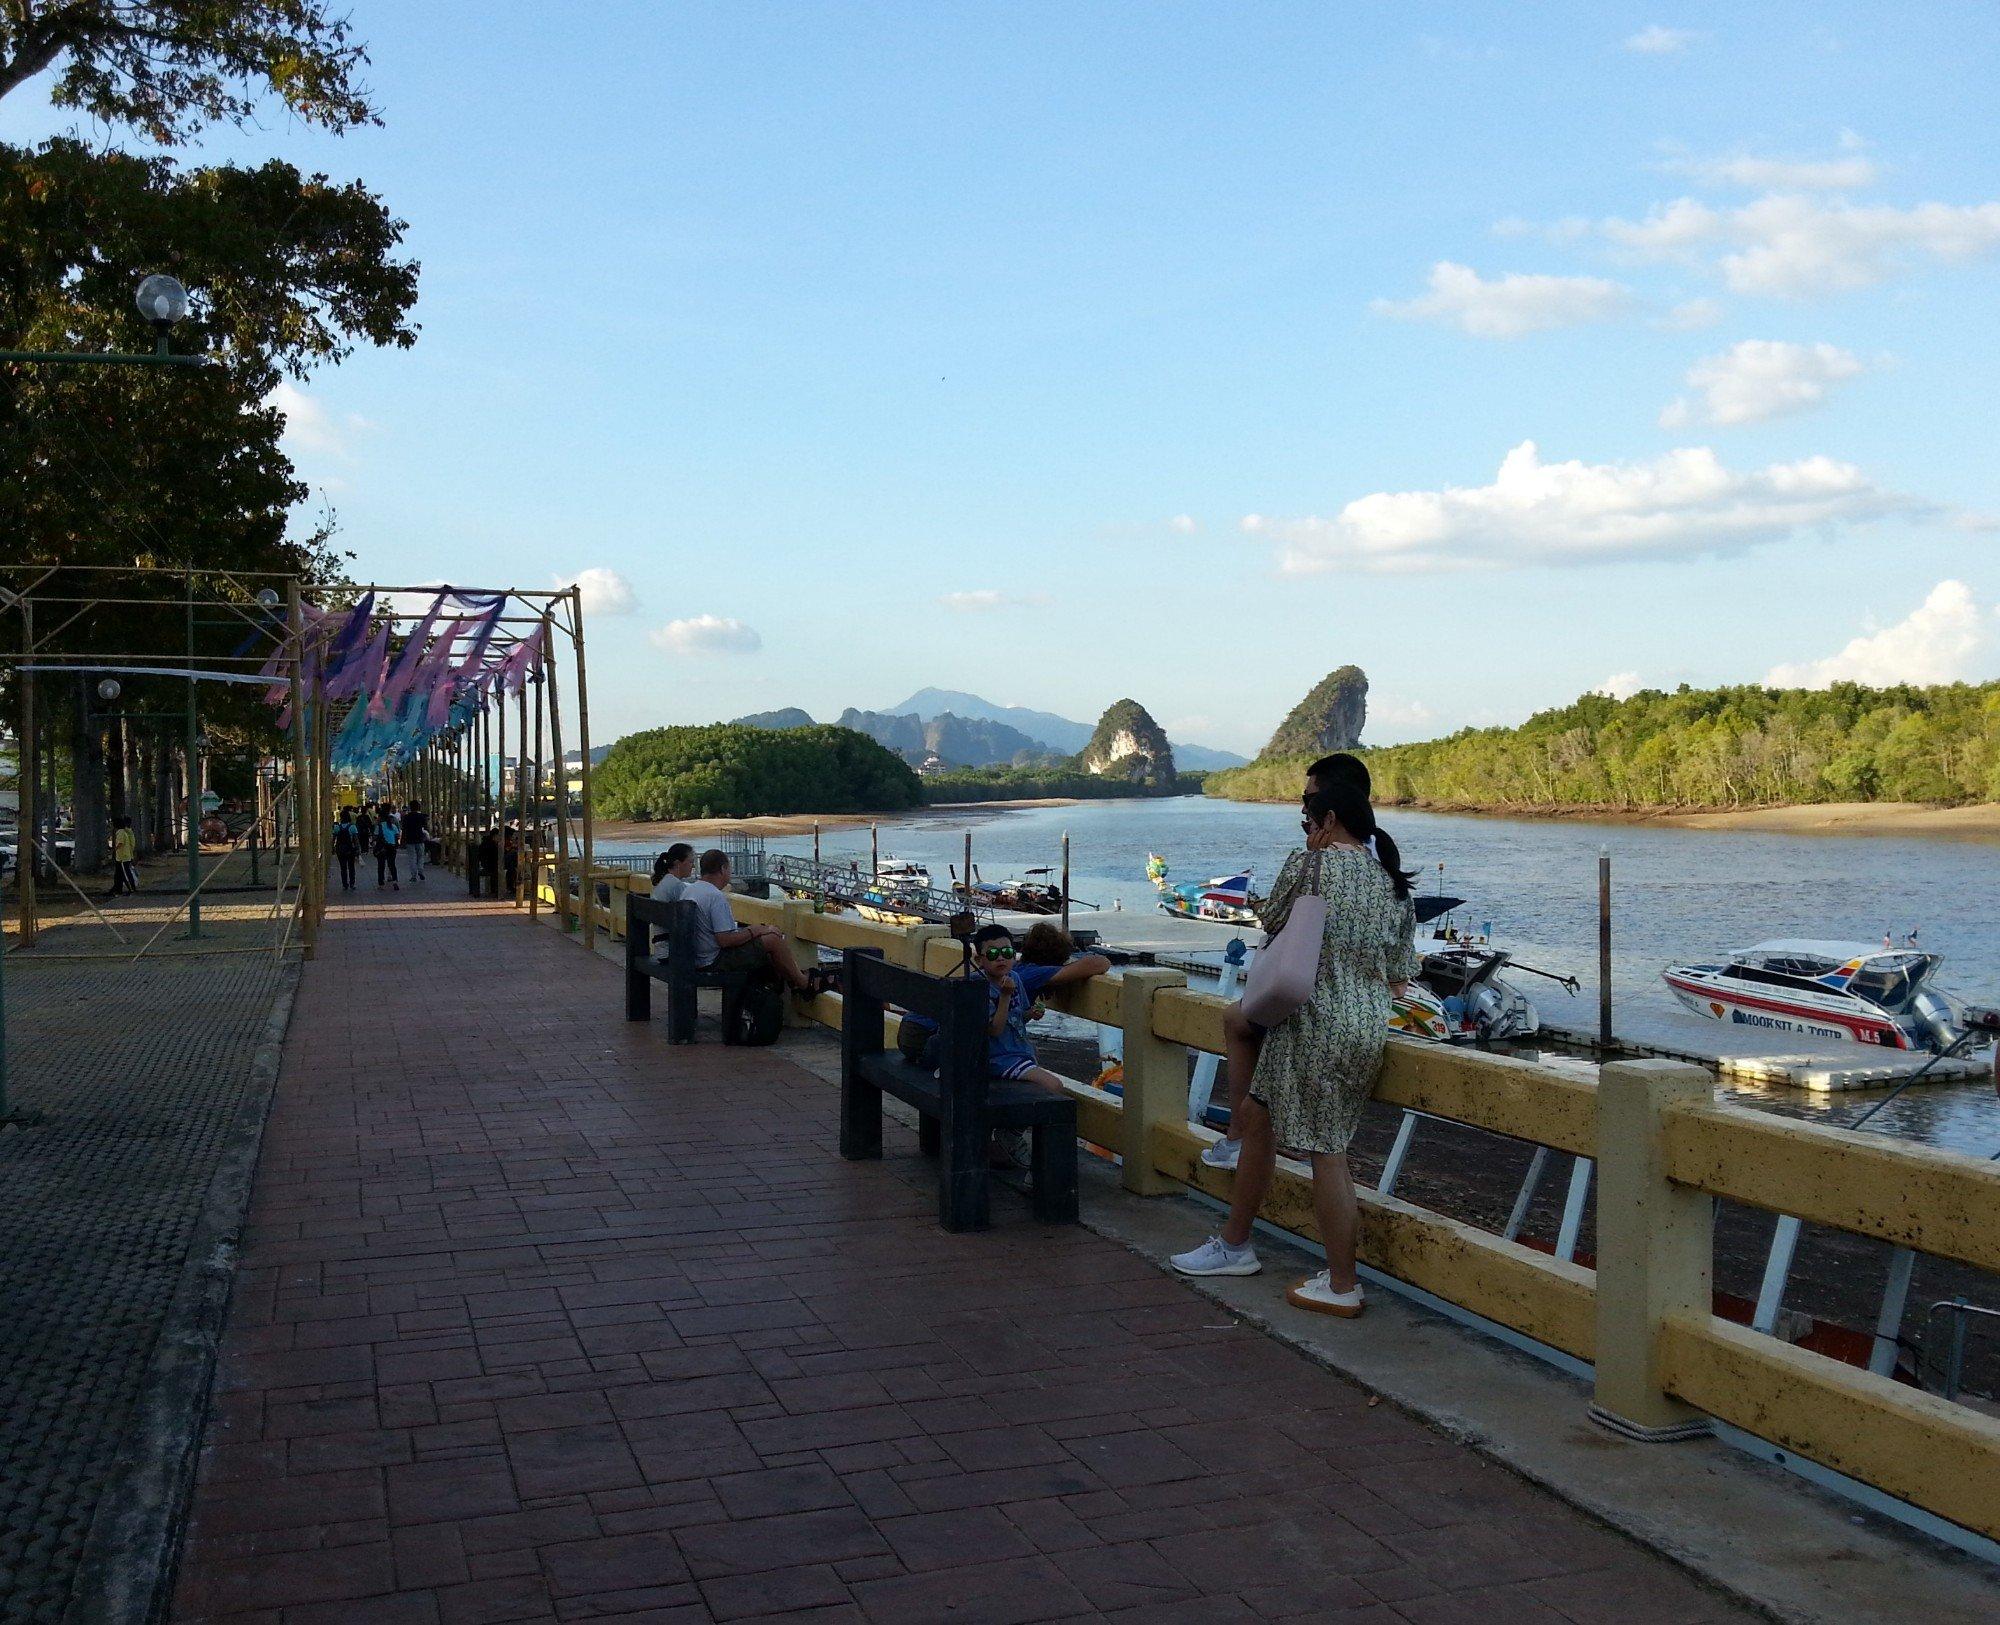 Promenade in Chaofa Park